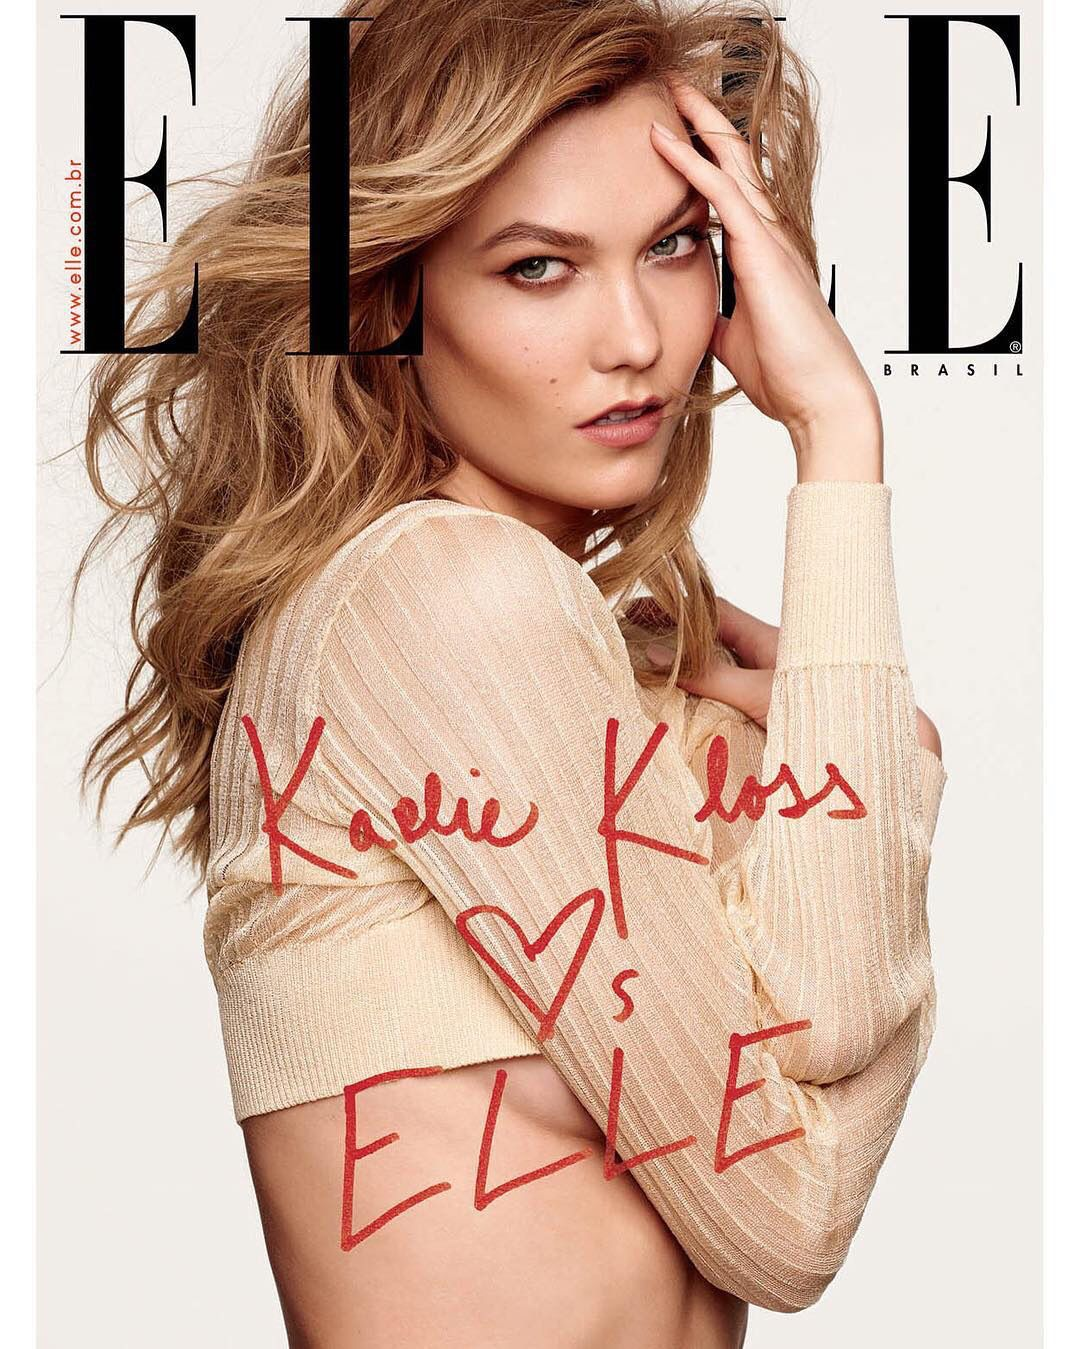 KK for Elle Brazil Special Edition